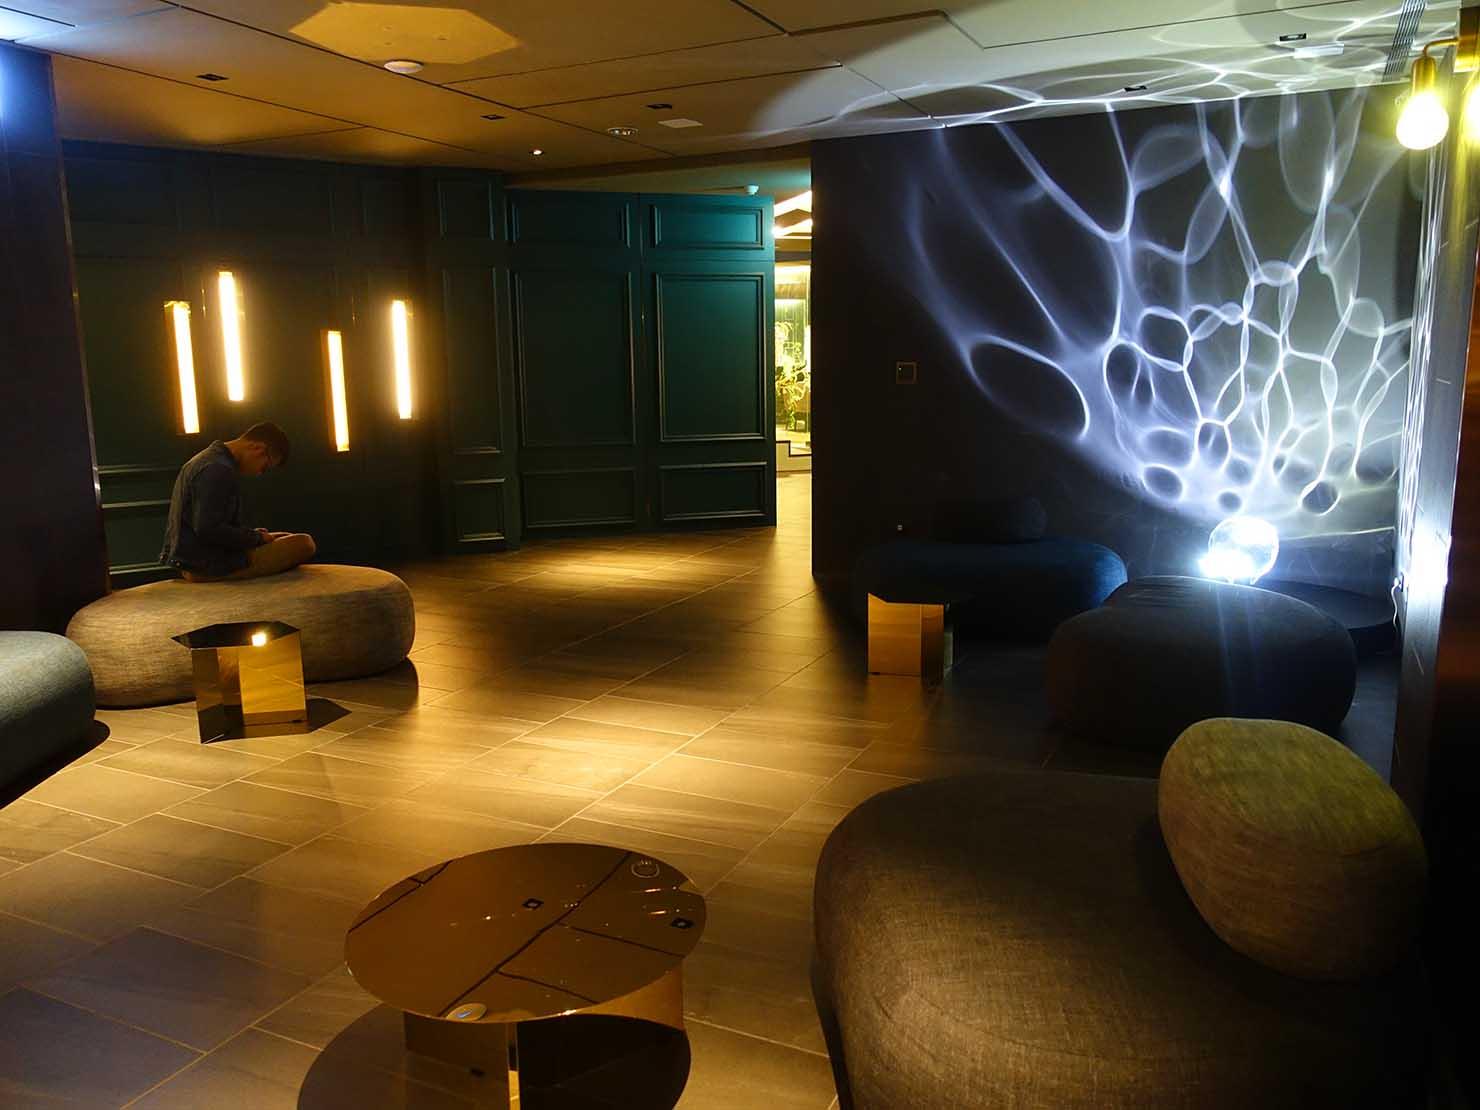 台中駅前のおすすめデザインホテル「紅點文旅 RedDot Hotel」のレストラン・L'AROMEのコミュニティスペース